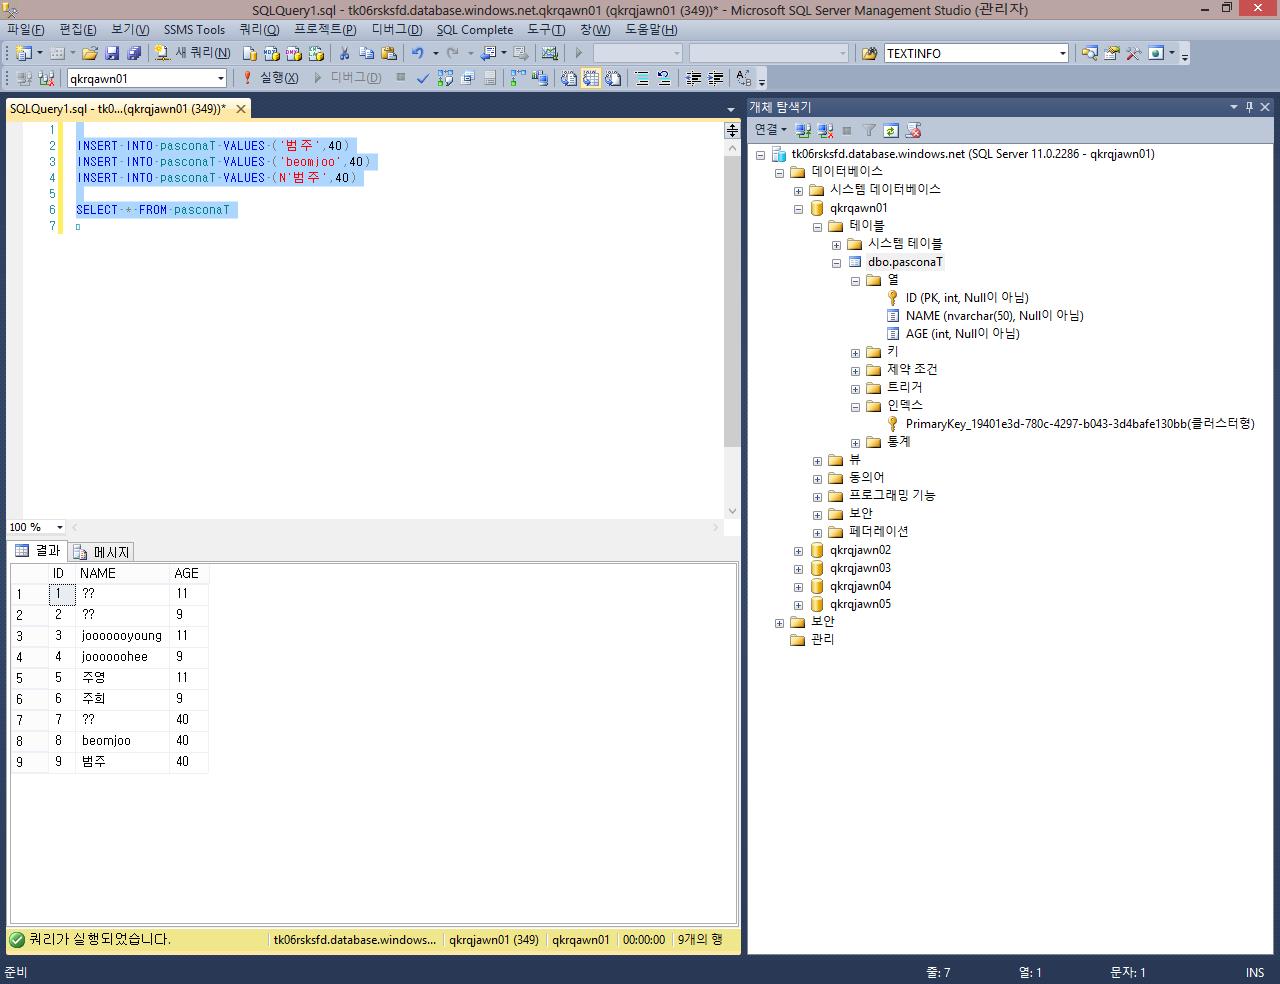 Azure_Camp_6_008_SQL데이터베이스_1번선택_SQL데이터베이스디자인_08_ssms_연결.png